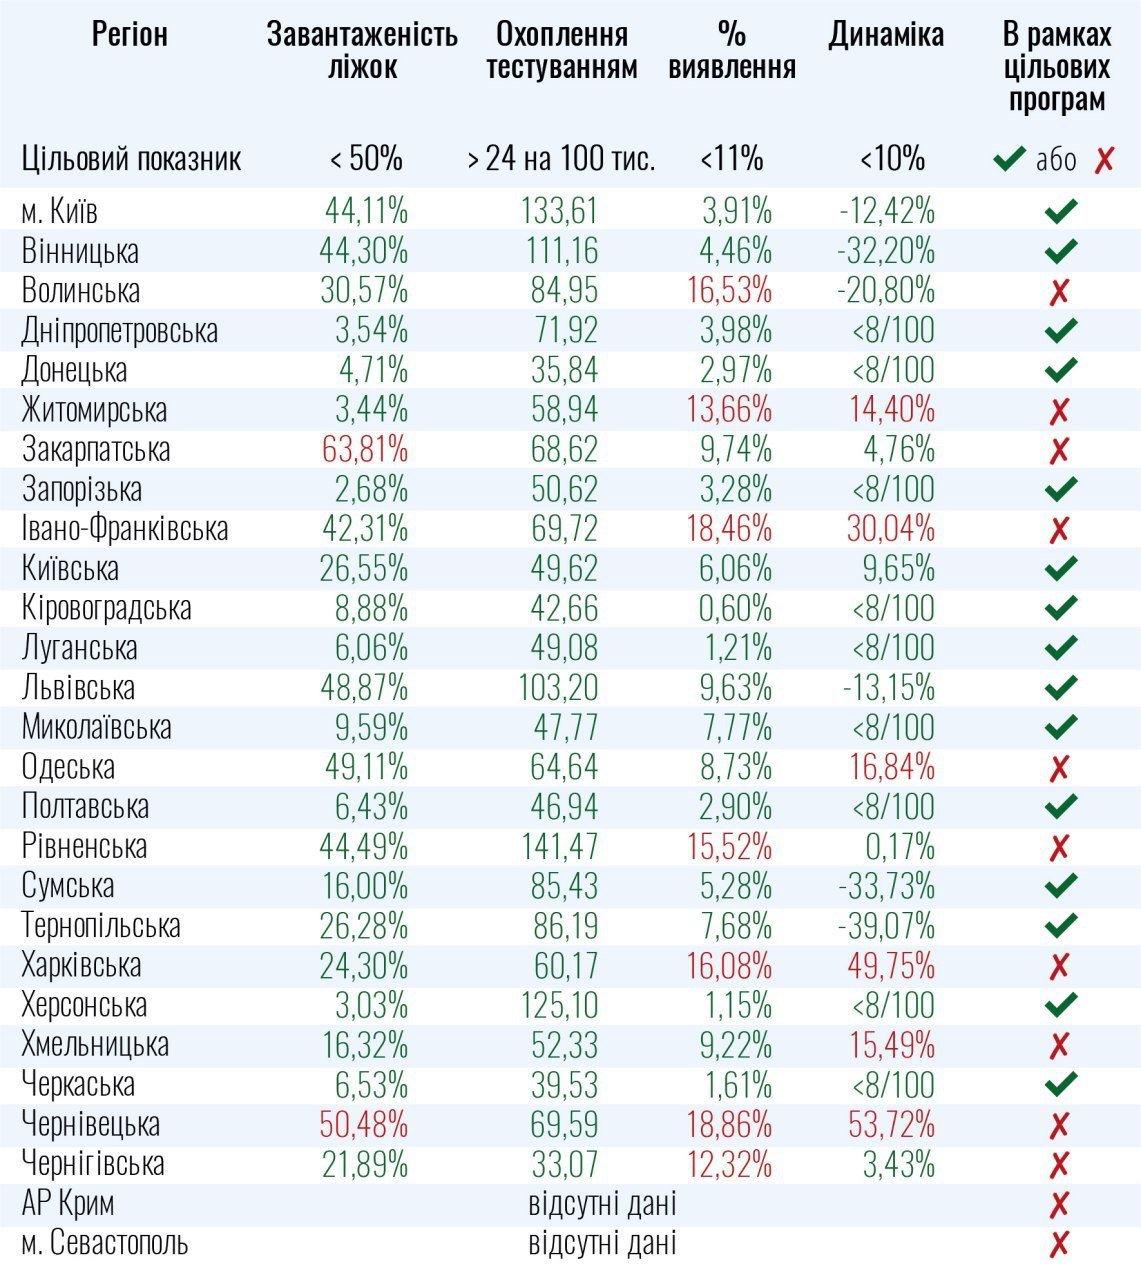 Десять областей України не готові до ослаблення карантину: список